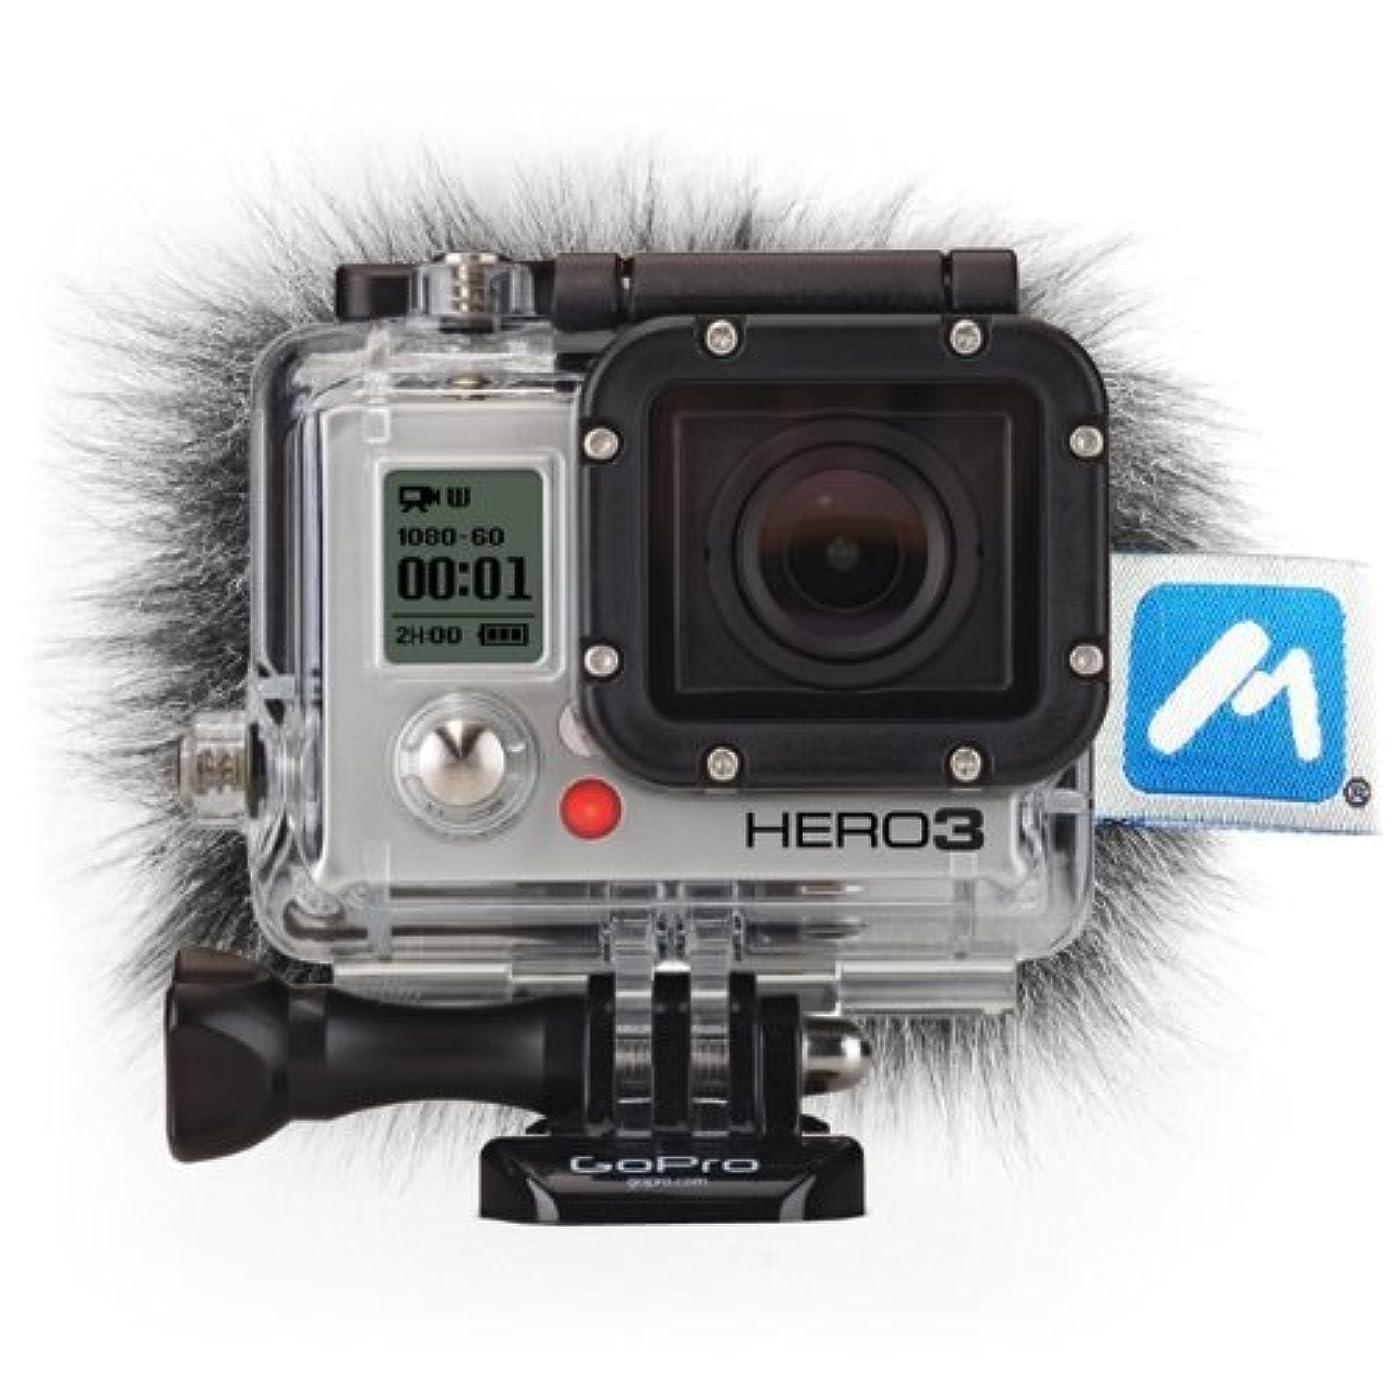 Micover Stickover Windscreen for GoPro HERO3, HERO2, HERO (Black, Silver, White)